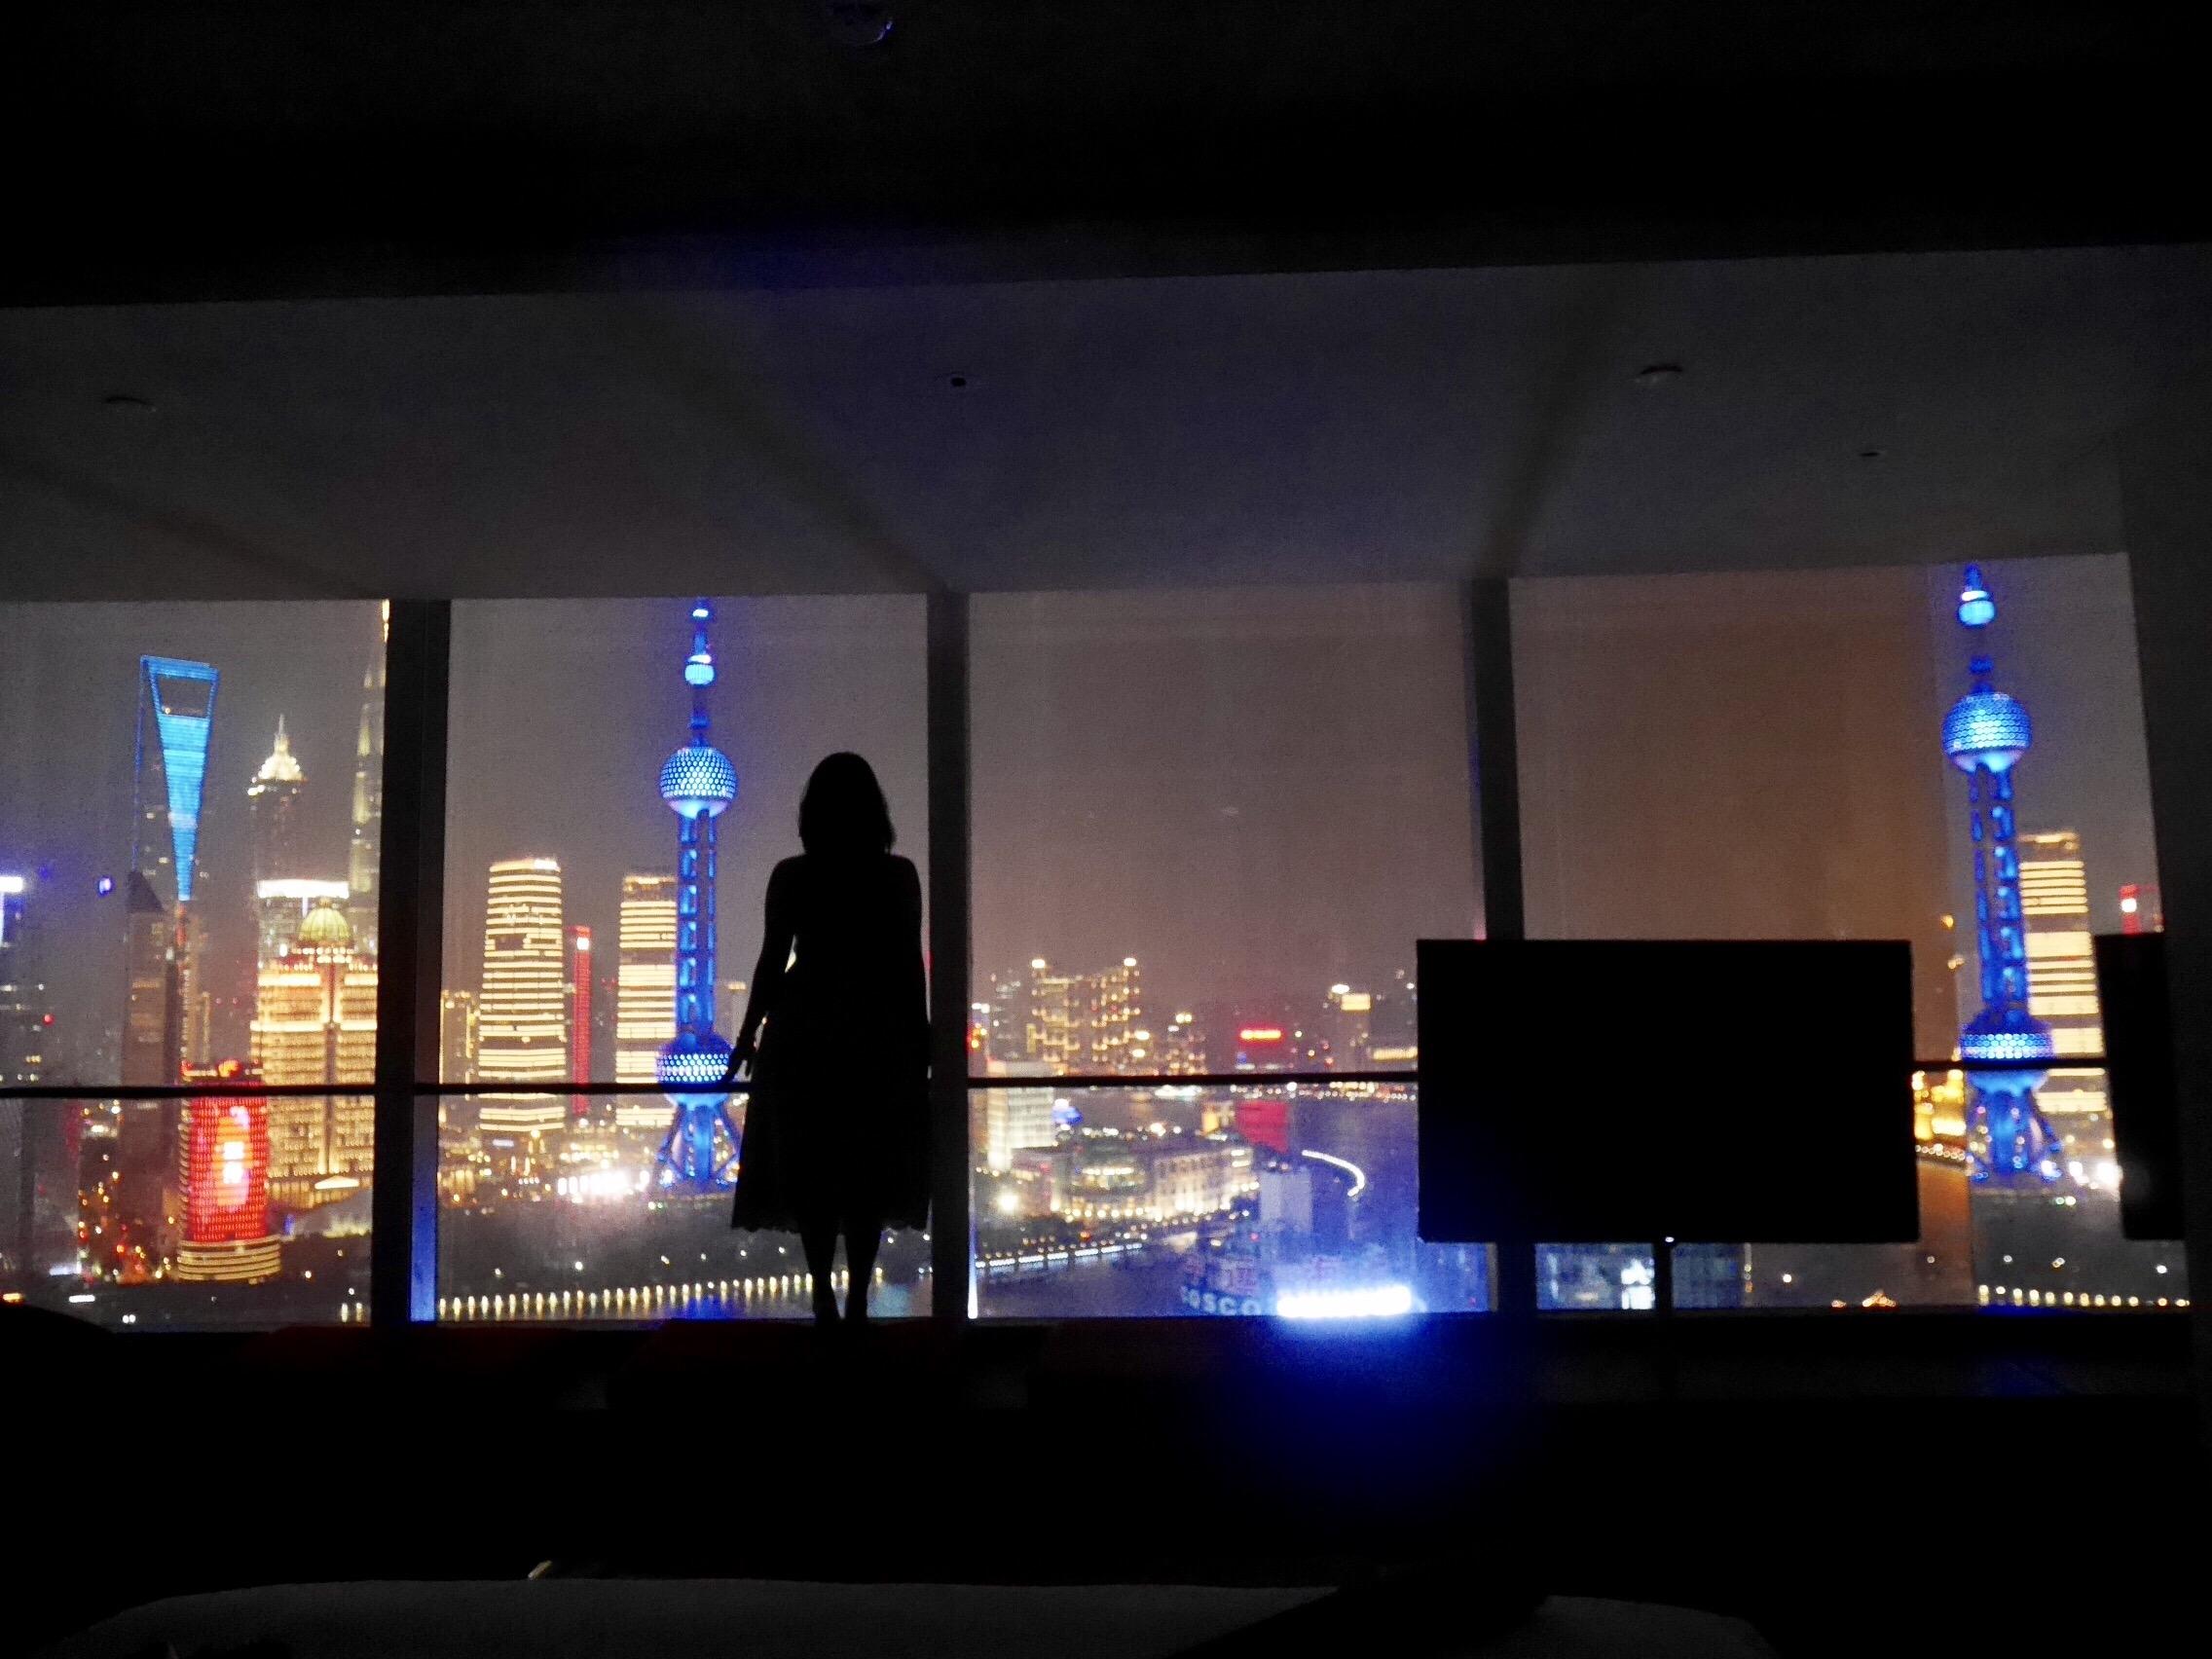 img 6857 - W HOTEL - 上海No.1の景色を楽しむホテル